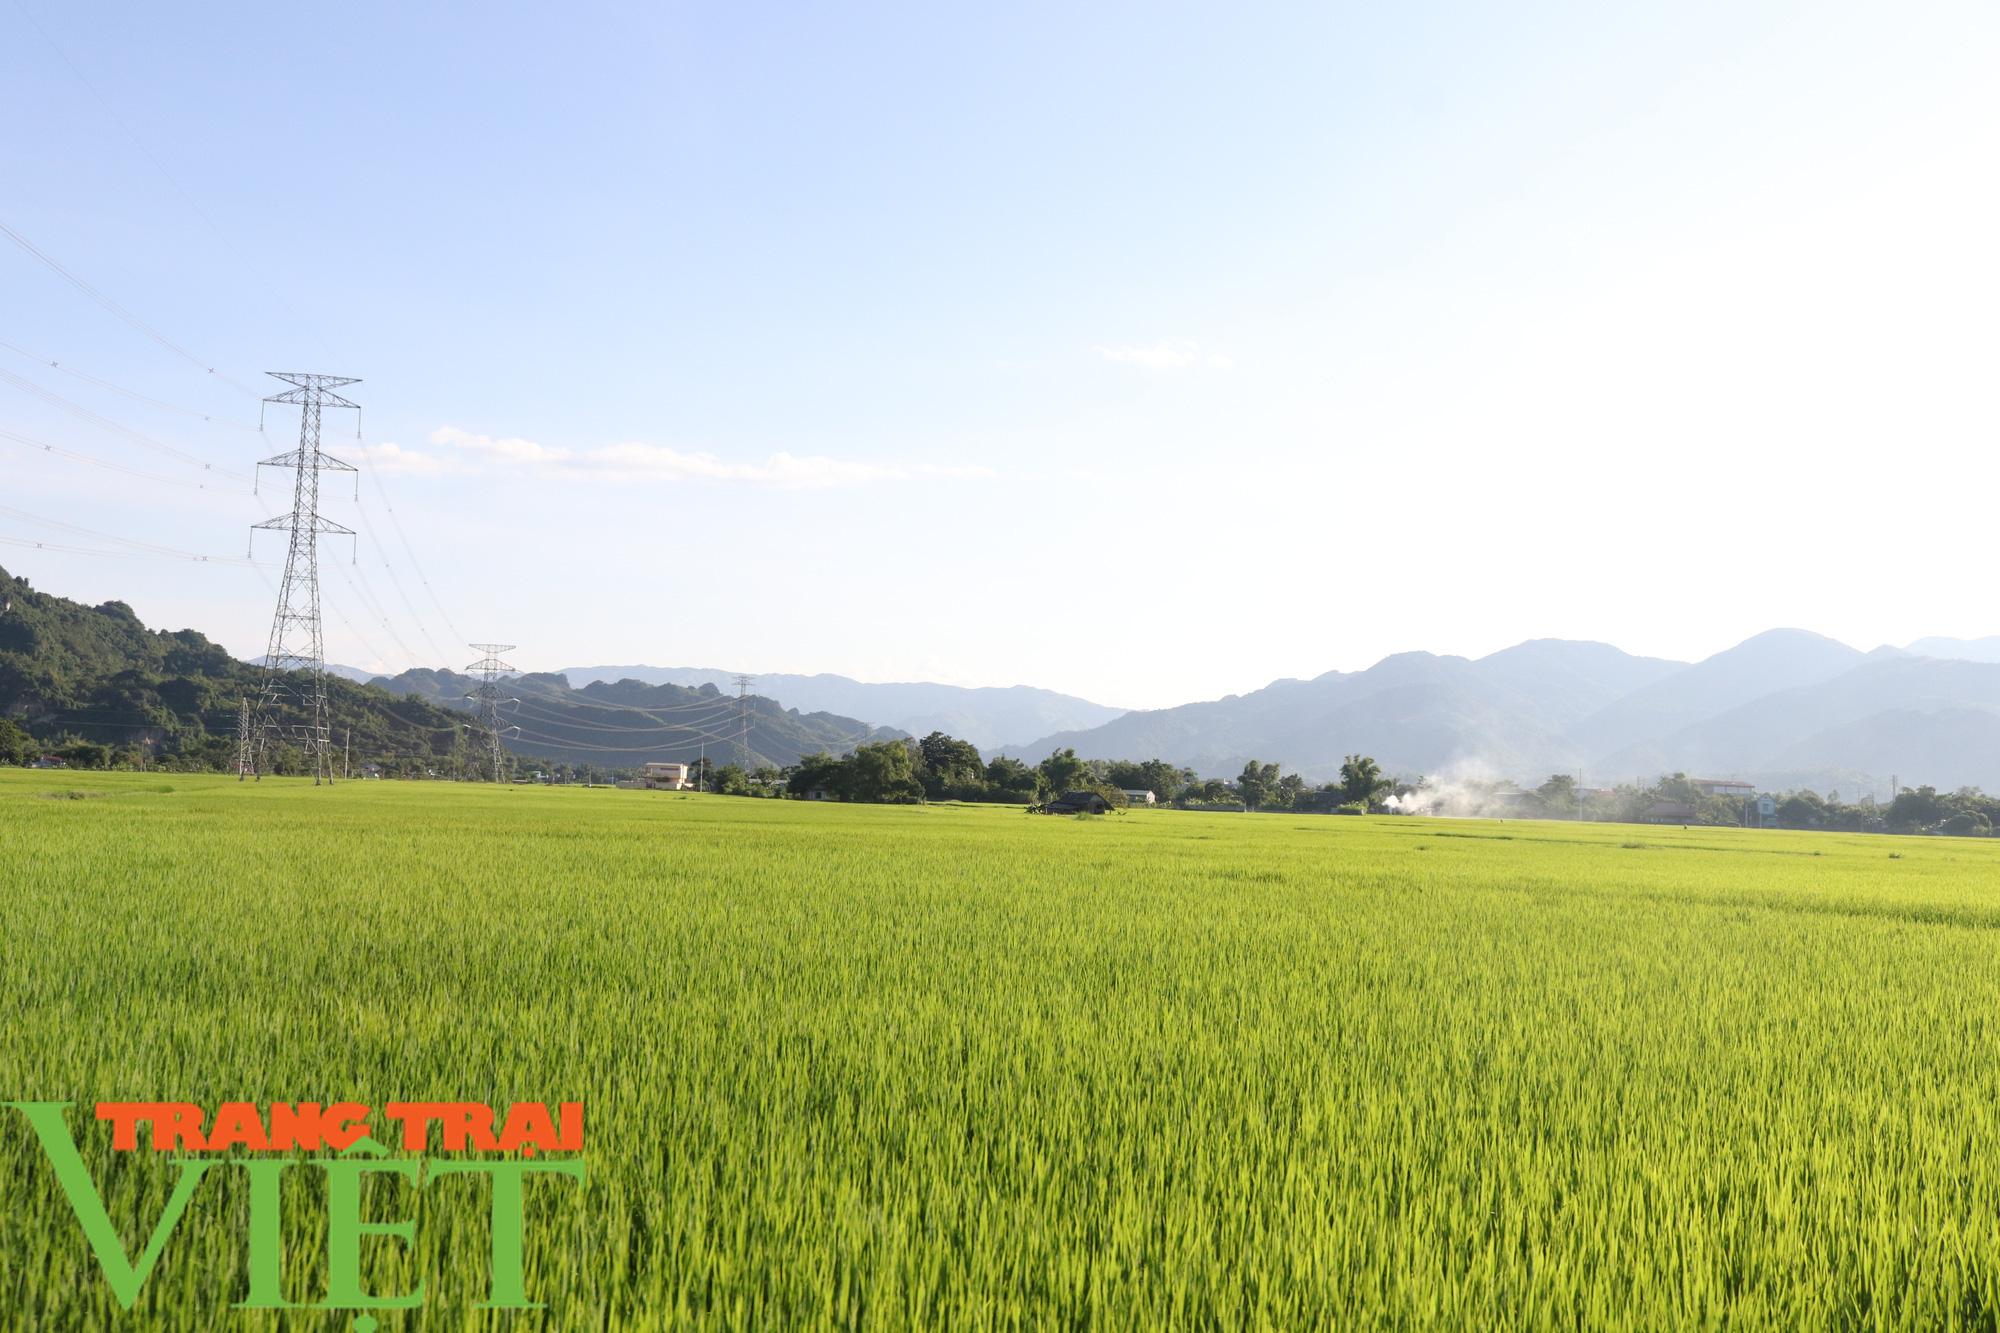 Lợi ích kép khi sản xuất lúa theo hướng hữu cơ gắn với BVMT - Ảnh 5.